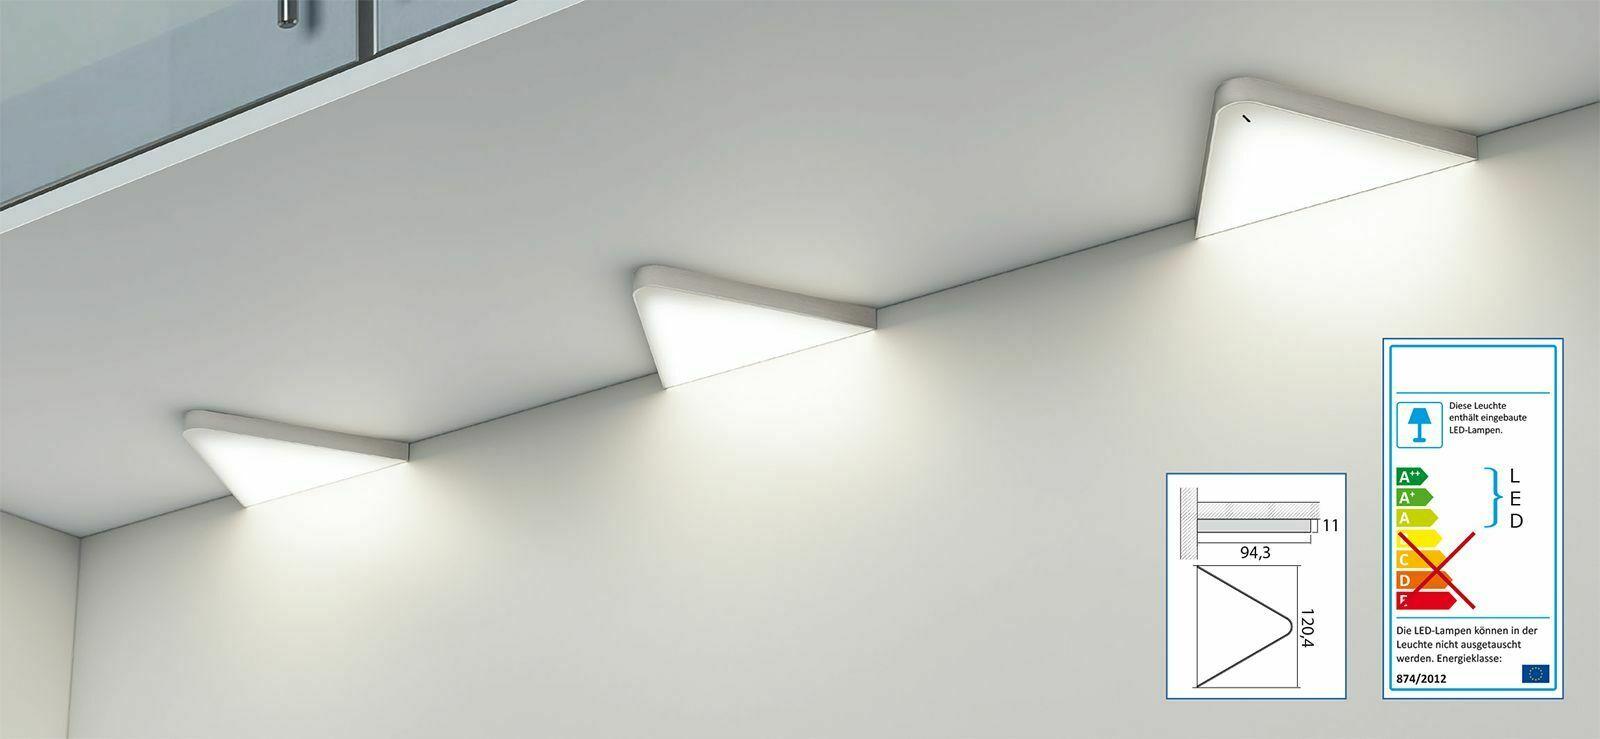 Full Size of Unterbauleuchten Küche Flchen Led Dreiecklampe Unterbauleuchte Kche 2x5 W Helligkeit Deckenleuchten Anthrazit Holzbrett Holz Weiß Ikea Kosten Betonoptik Wohnzimmer Unterbauleuchten Küche